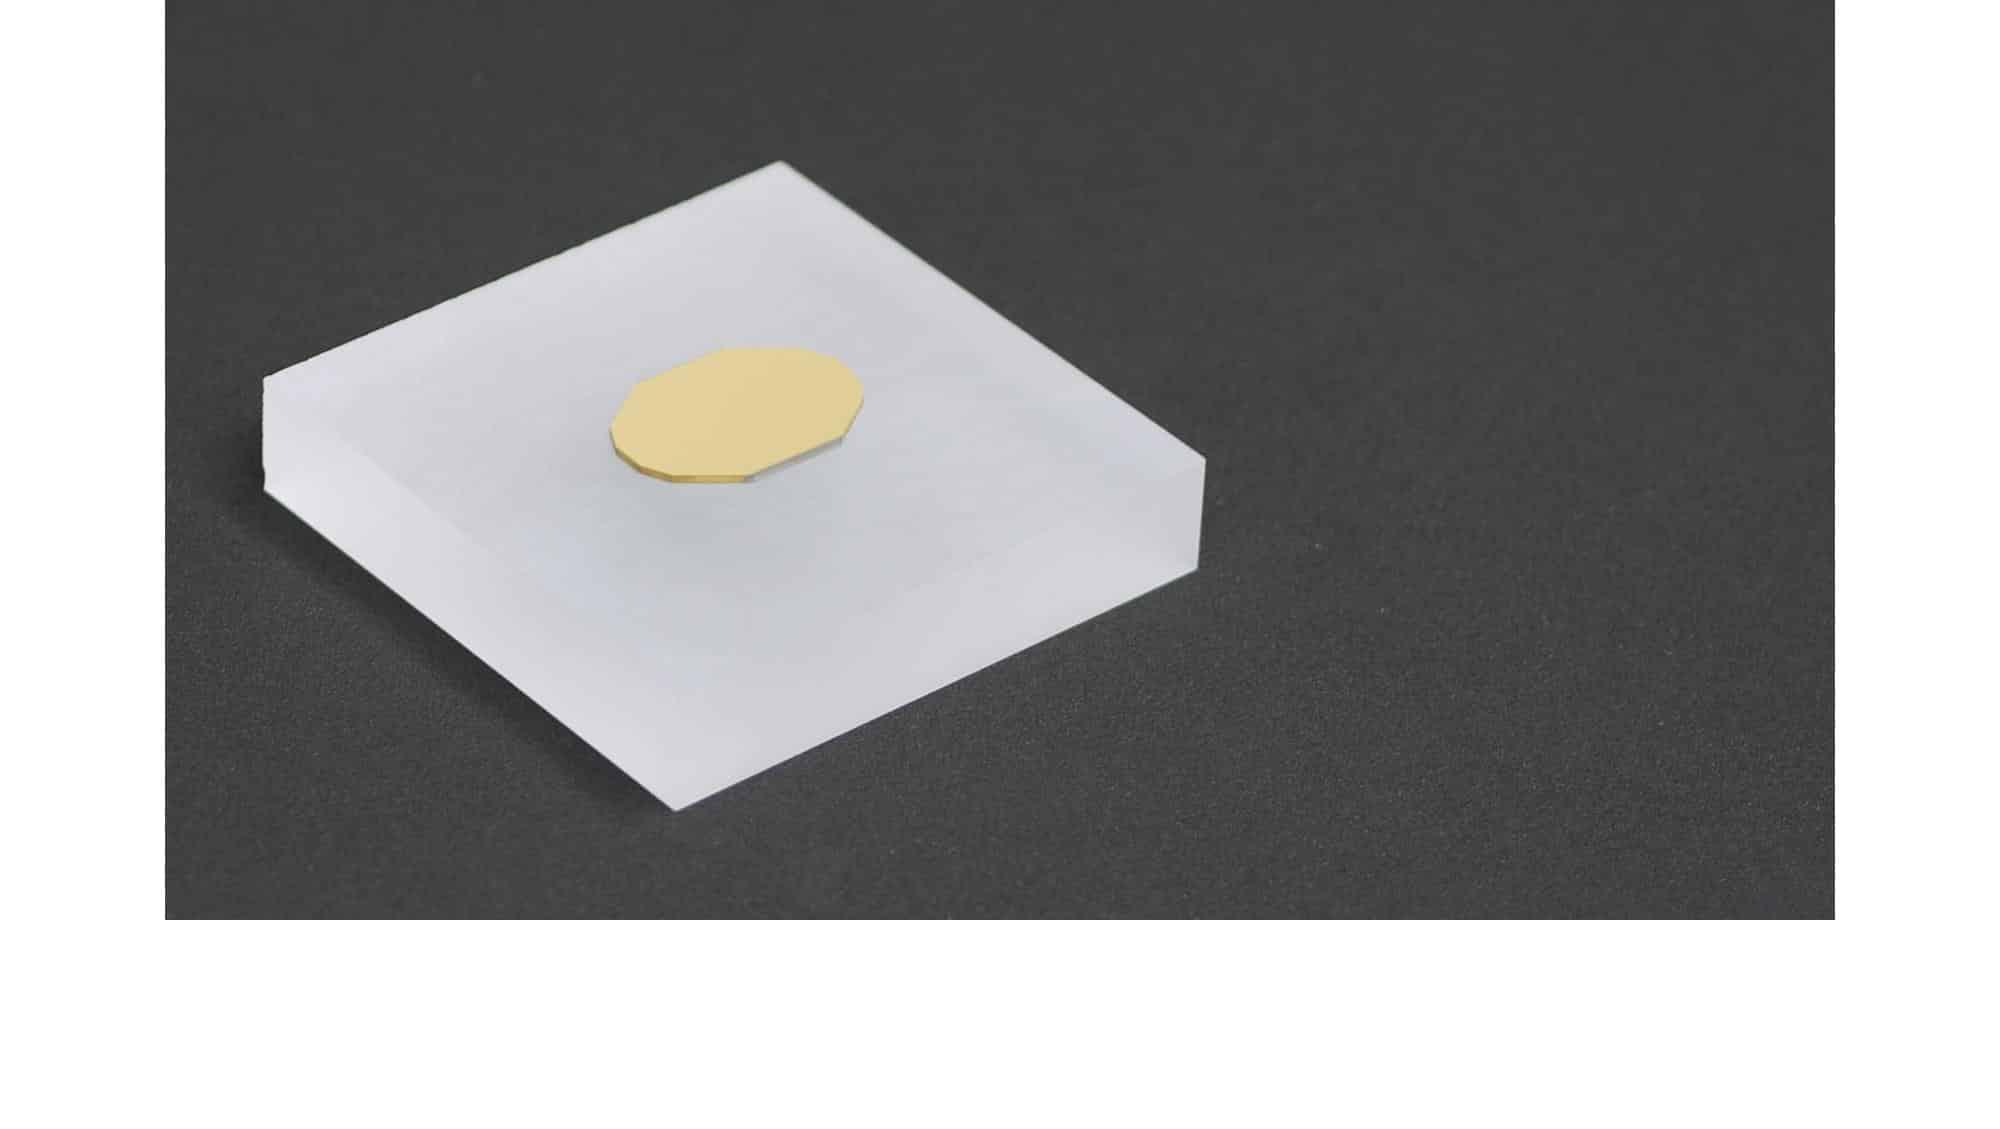 ) OTéO Optics - Système optique - Systèmes optiques - Optique de précision - formule optique - fabricant optique - Lentille optique - Polissage optique - Formation Optique - Formation Ingénieur(e) - Polissage de qualité - Polissage de haute qualité - banc de mesure - Systèmes optiques - Design optique - Optique médicale - vision industrielle - optomécanique